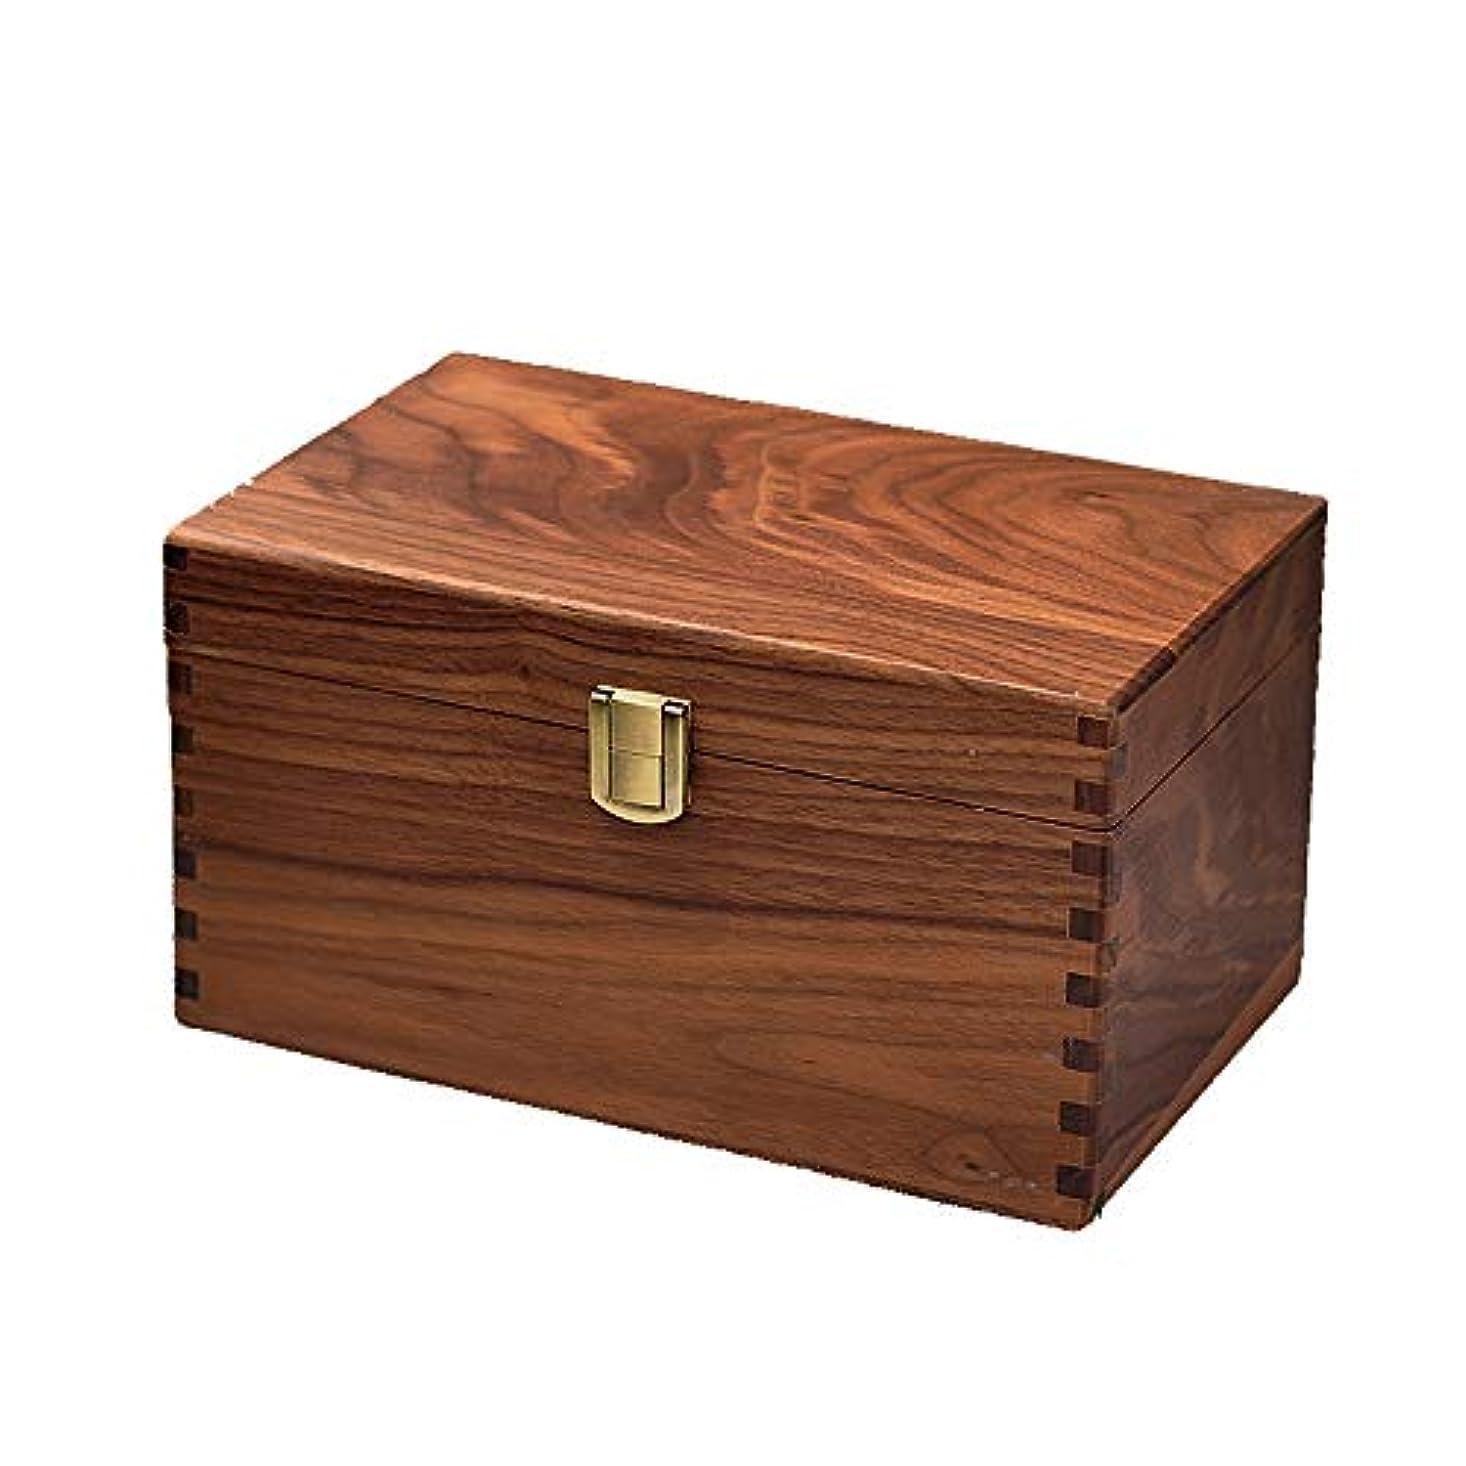 送金刈る論争手作りの装飾的な木のエッセンシャルオイルボックスオーガナイザージュエリーボックスパーフェクトエッセンシャルオイルケース アロマセラピー製品 (色 : Natural, サイズ : 24.5X15.5X13CM)